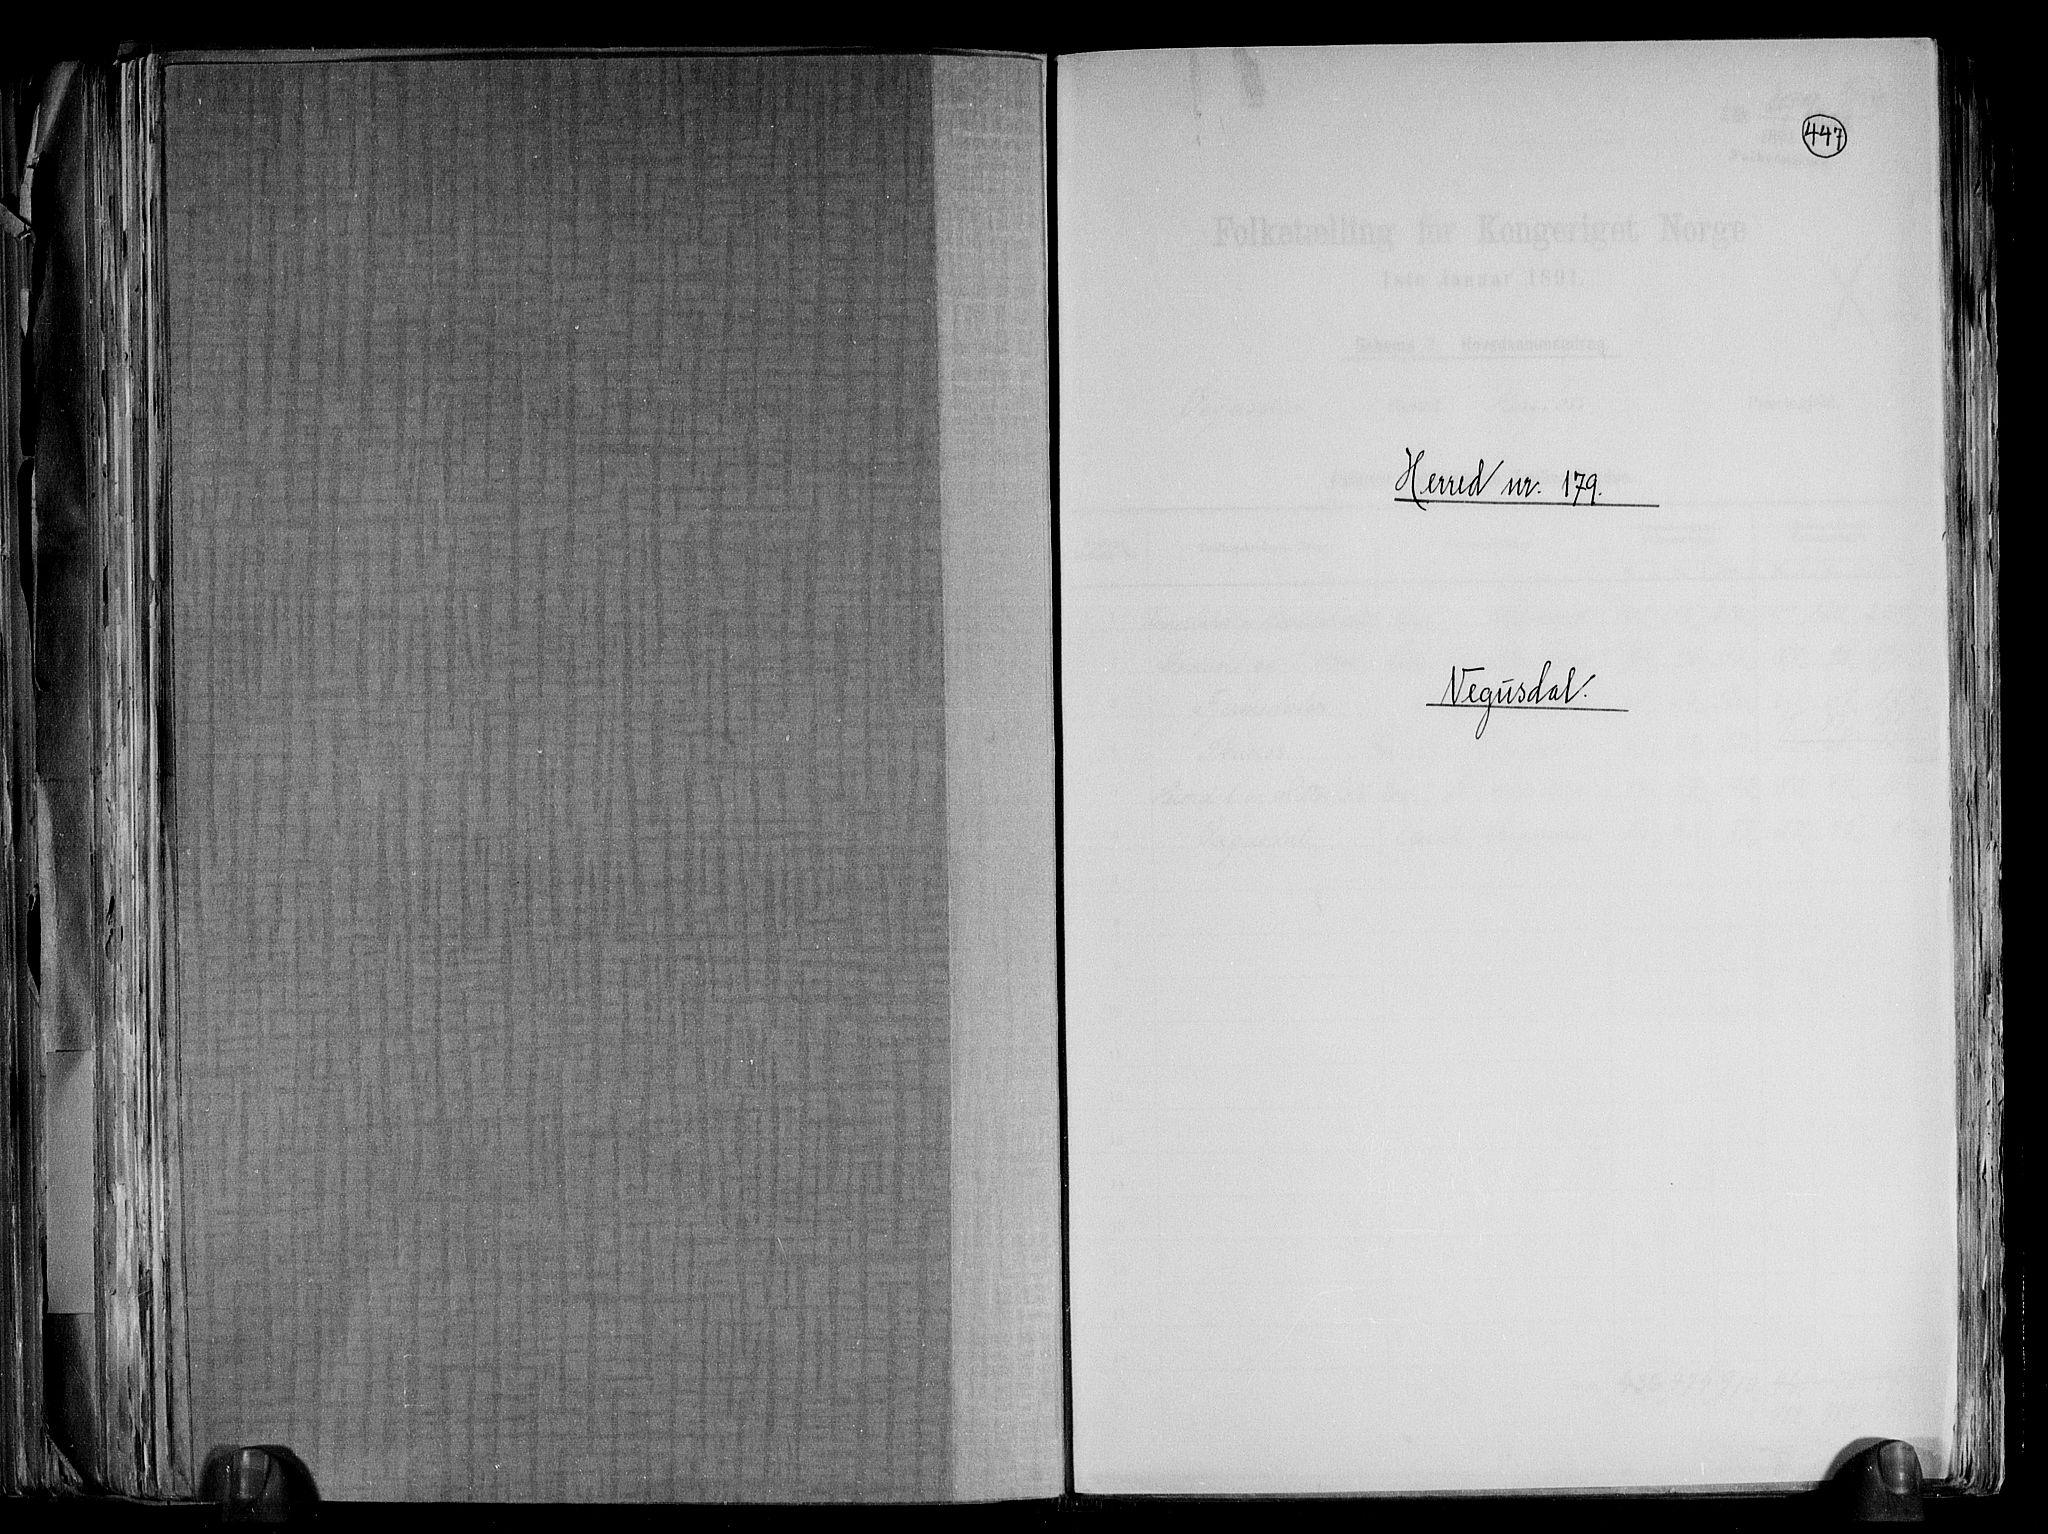 RA, Folketelling 1891 for 0934 Vegusdal herred, 1891, s. 1